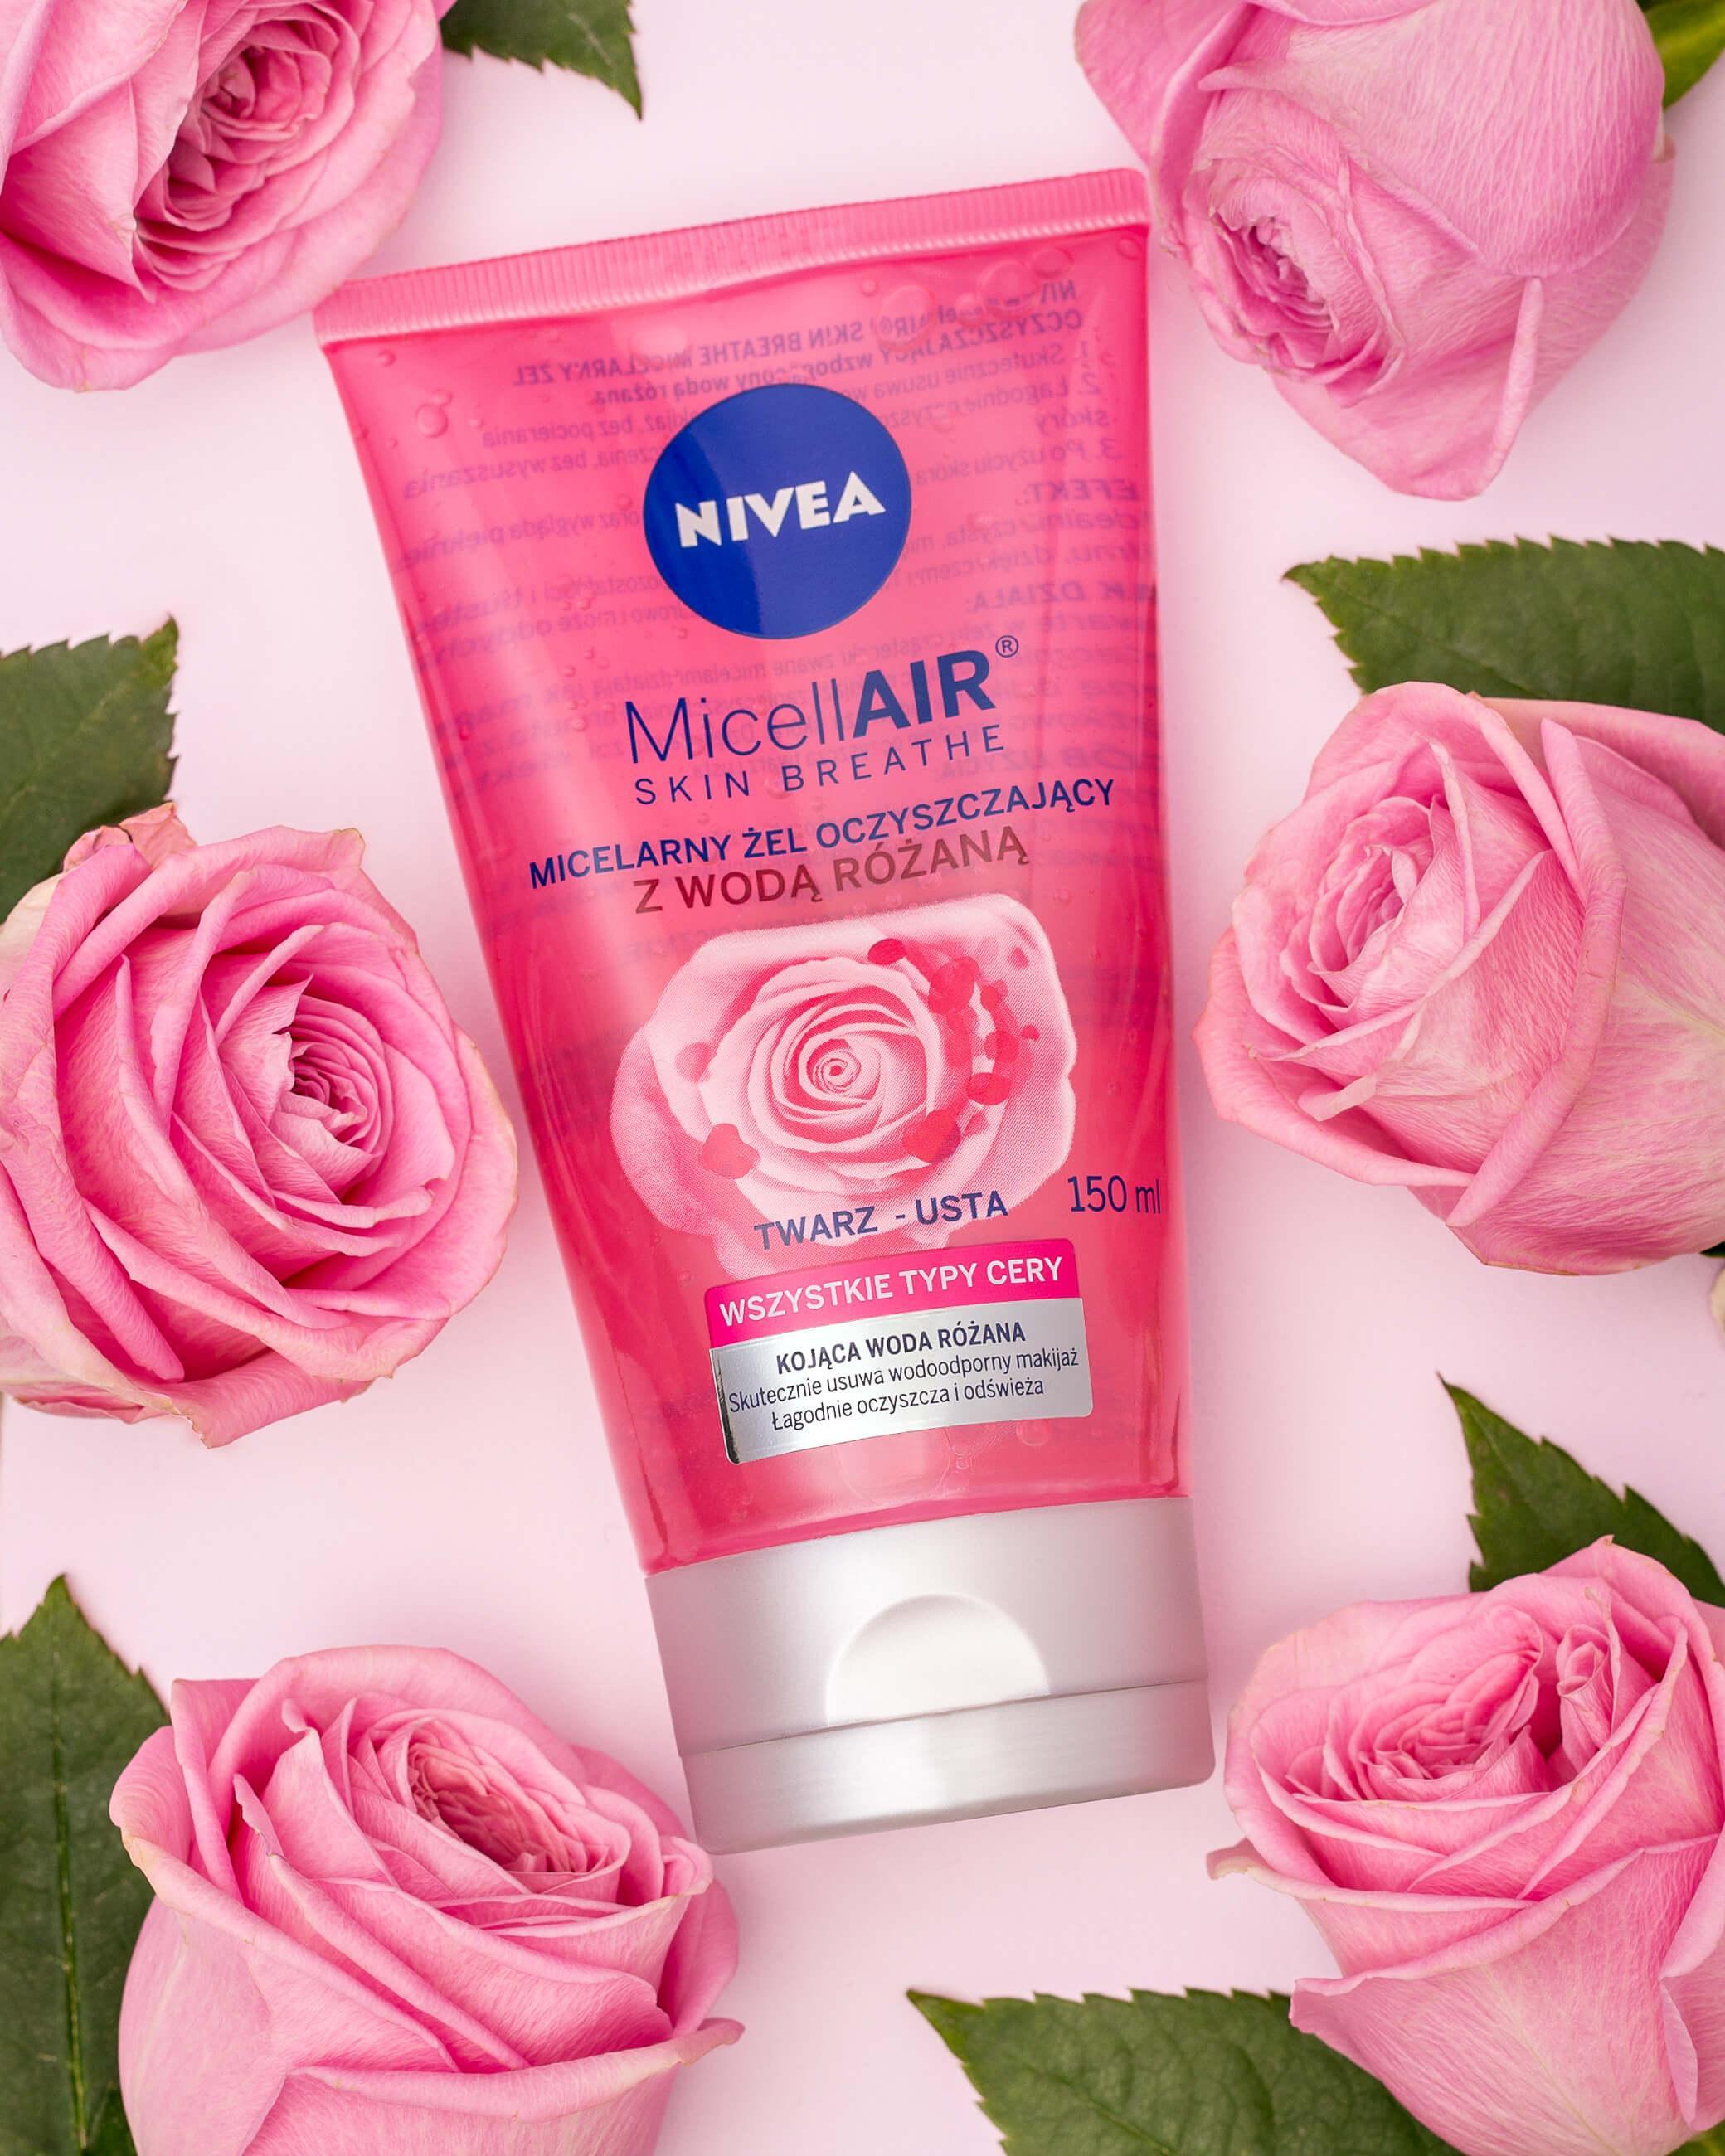 Stylizowane zdjęcie reklamowe NIVEA MicellAir z różami